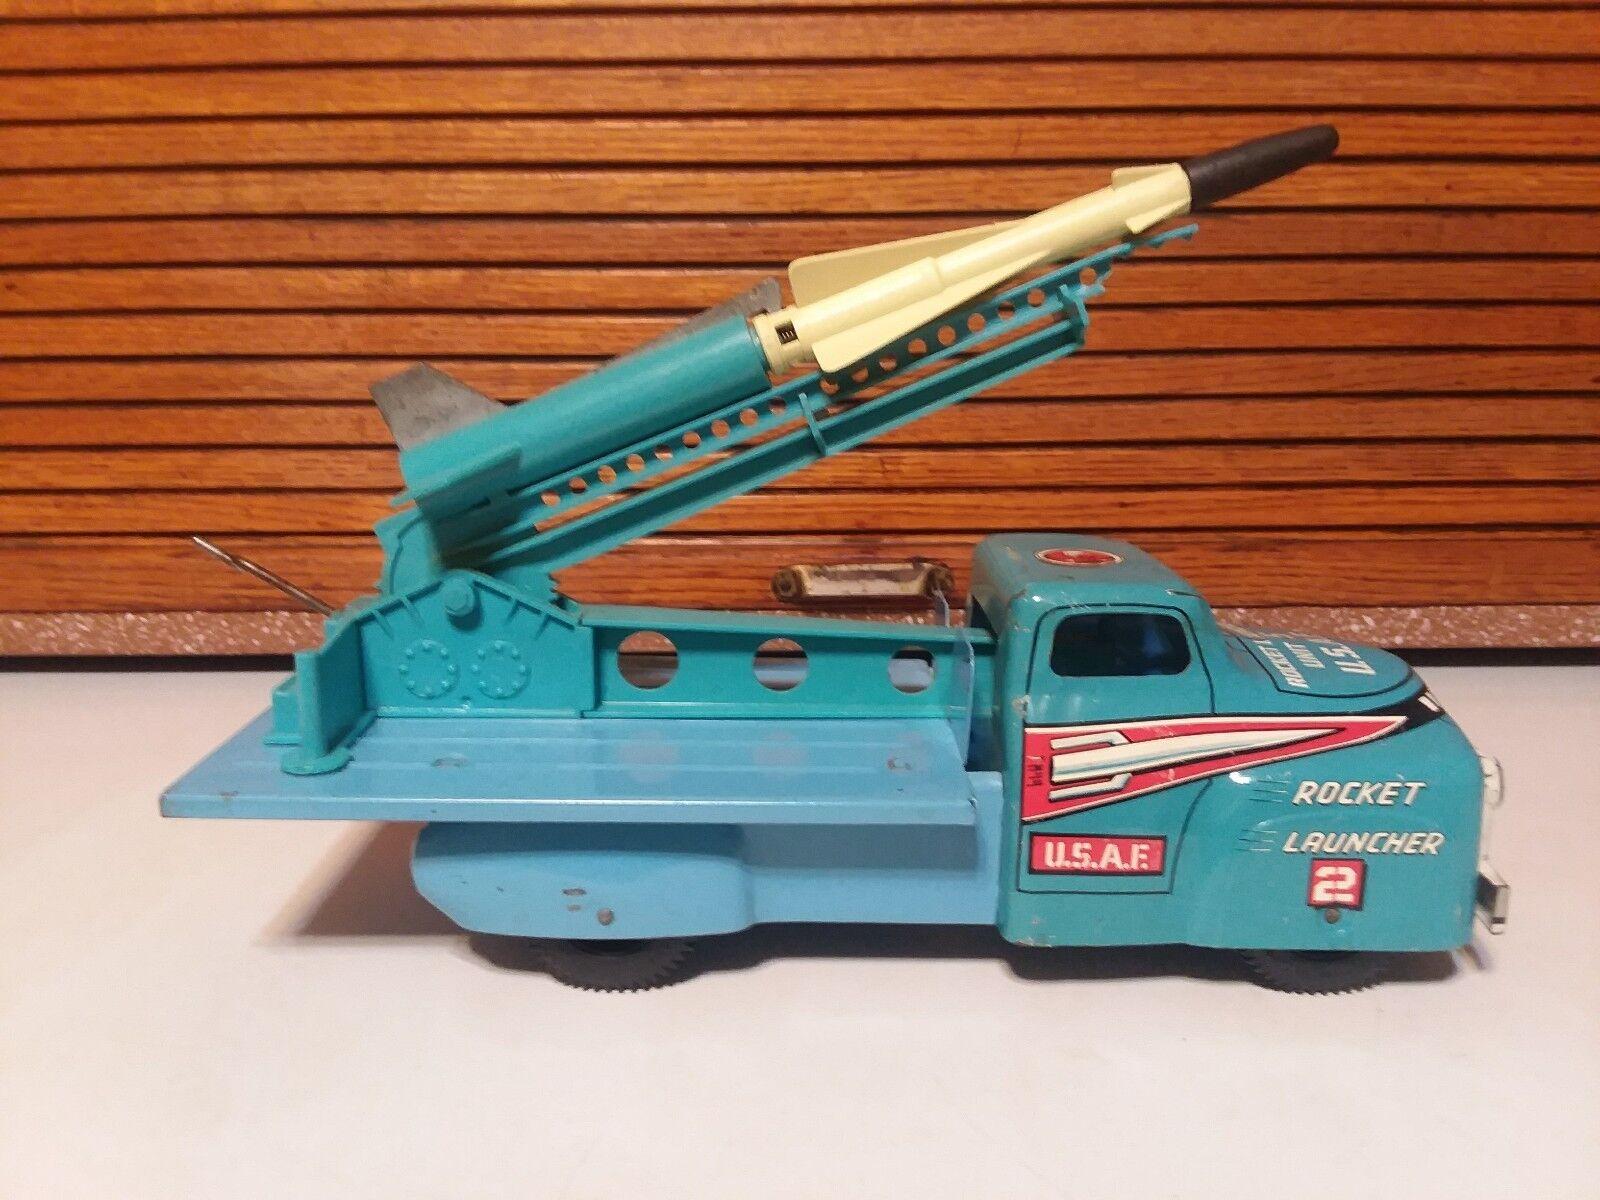 Marx U.S.A.F. Mobile Rocket Launcher